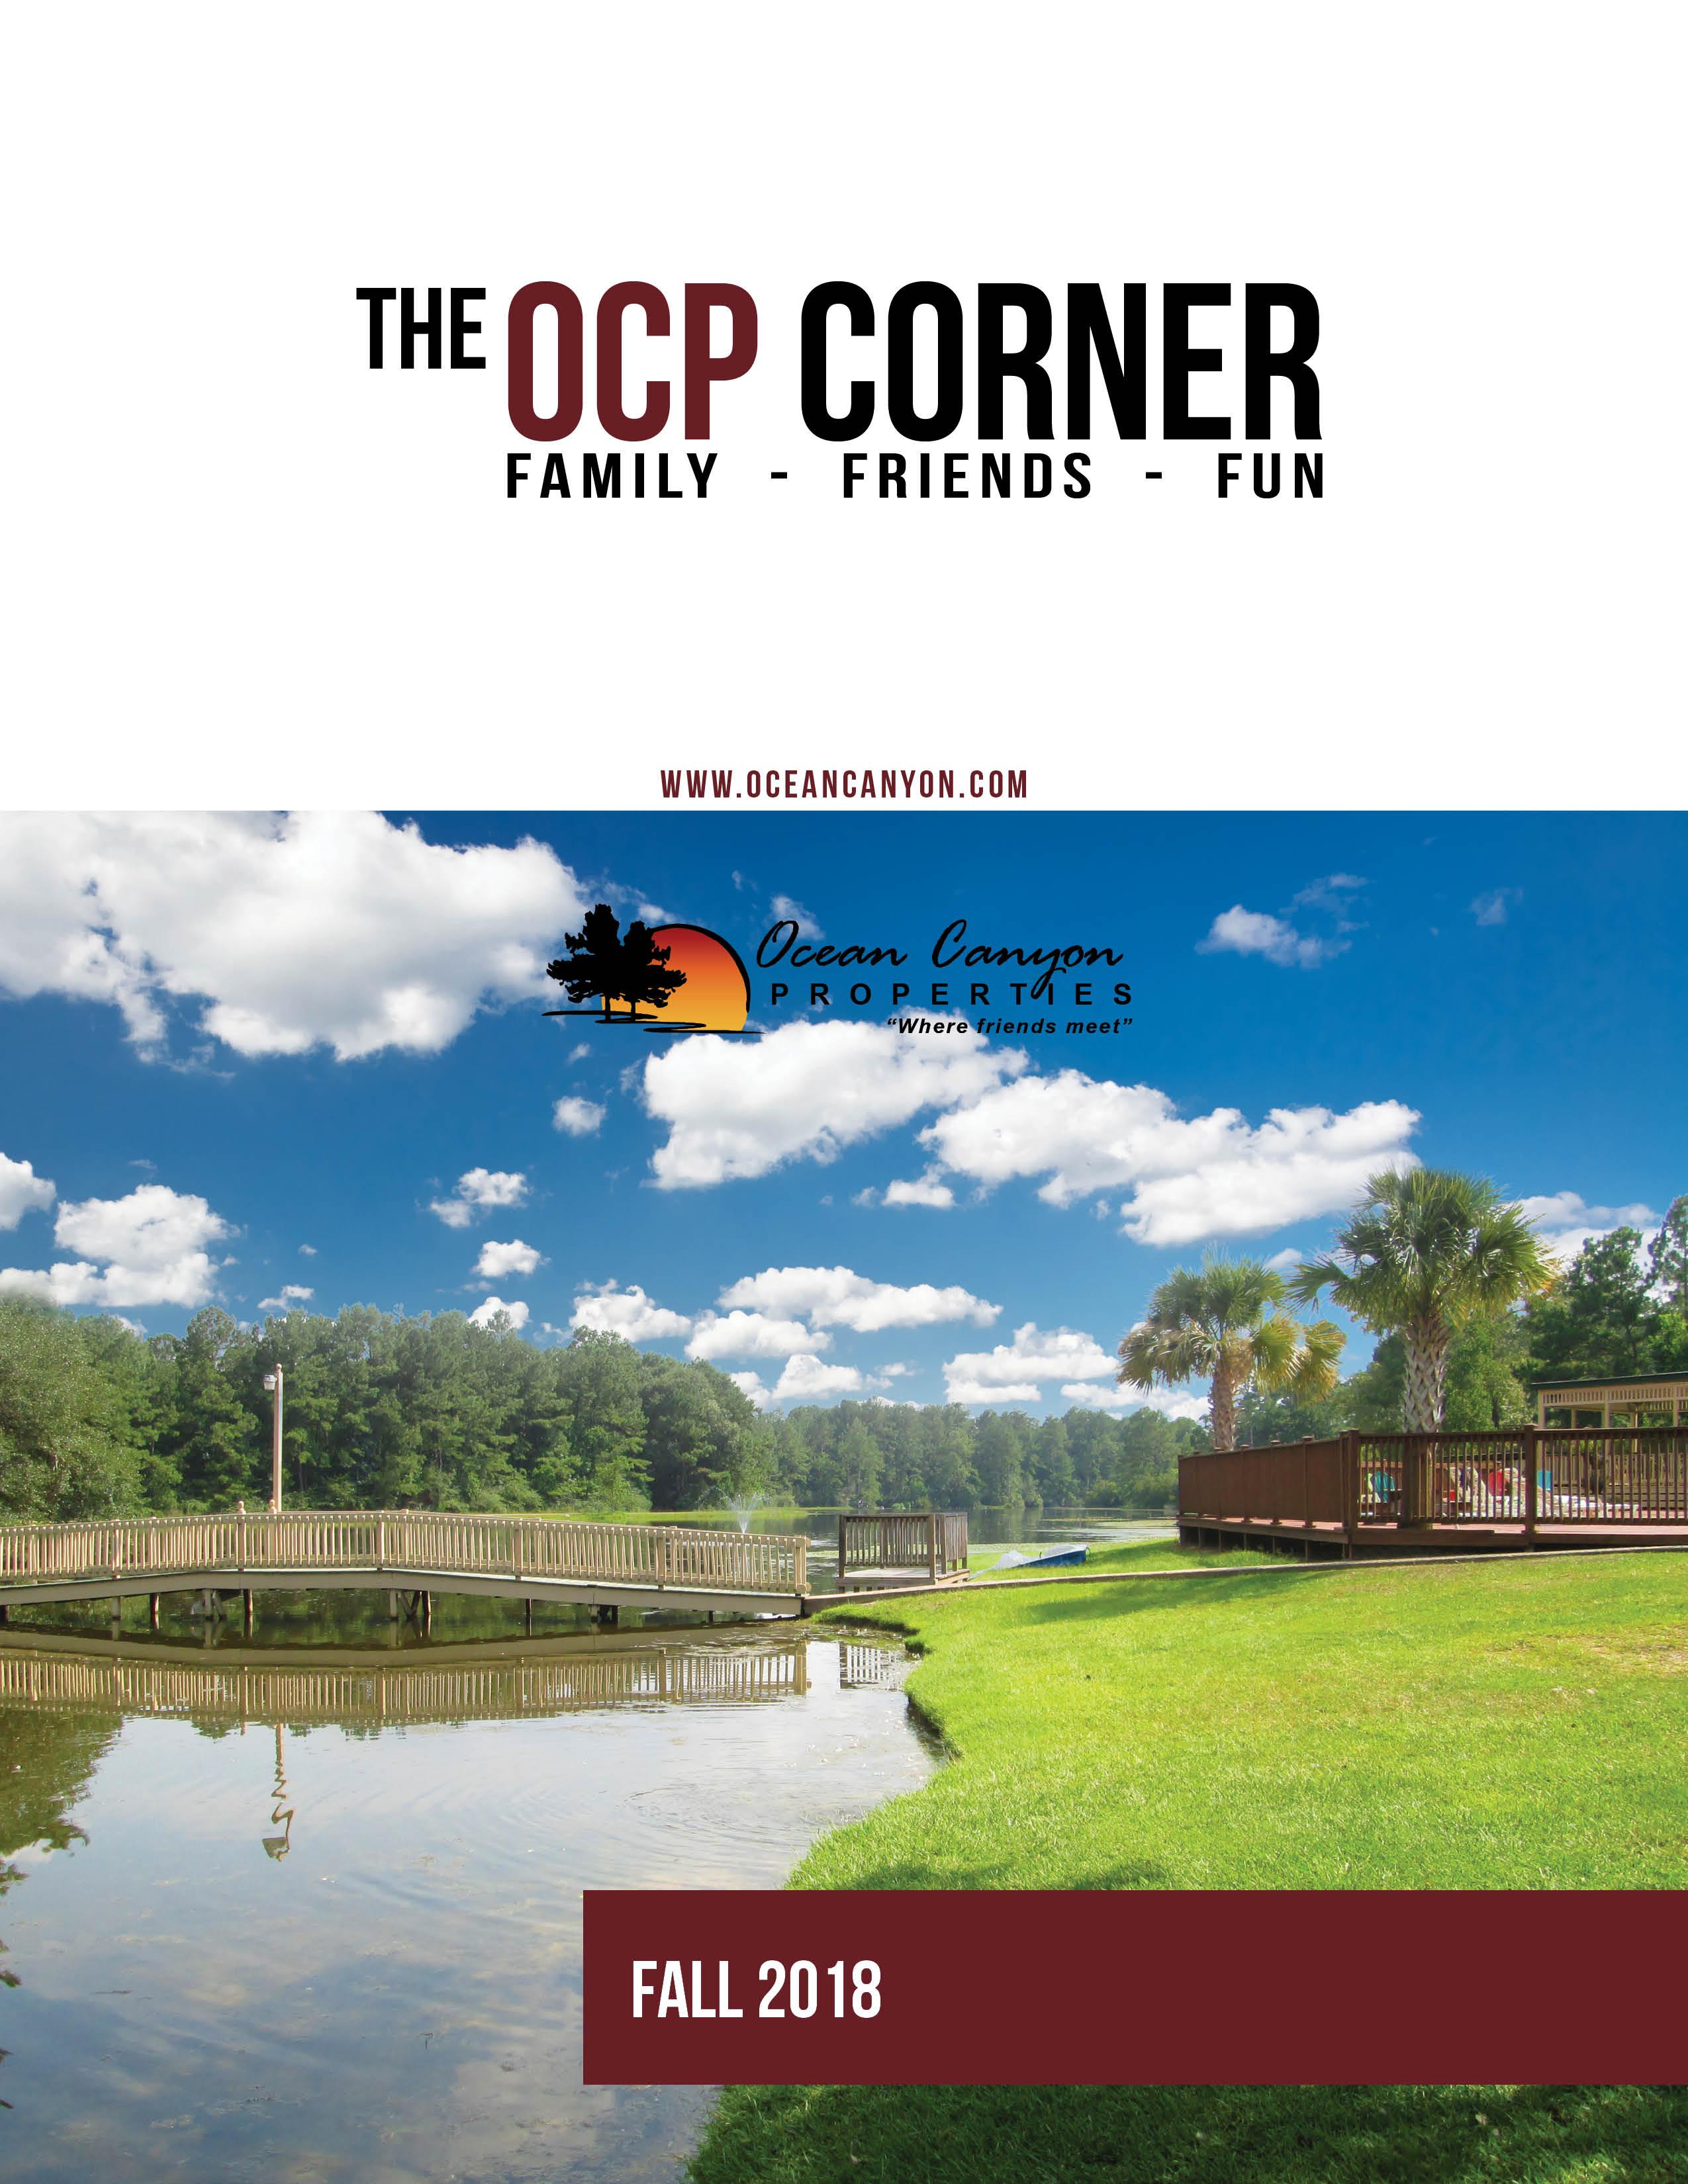 OCP Corner - Fall 2018